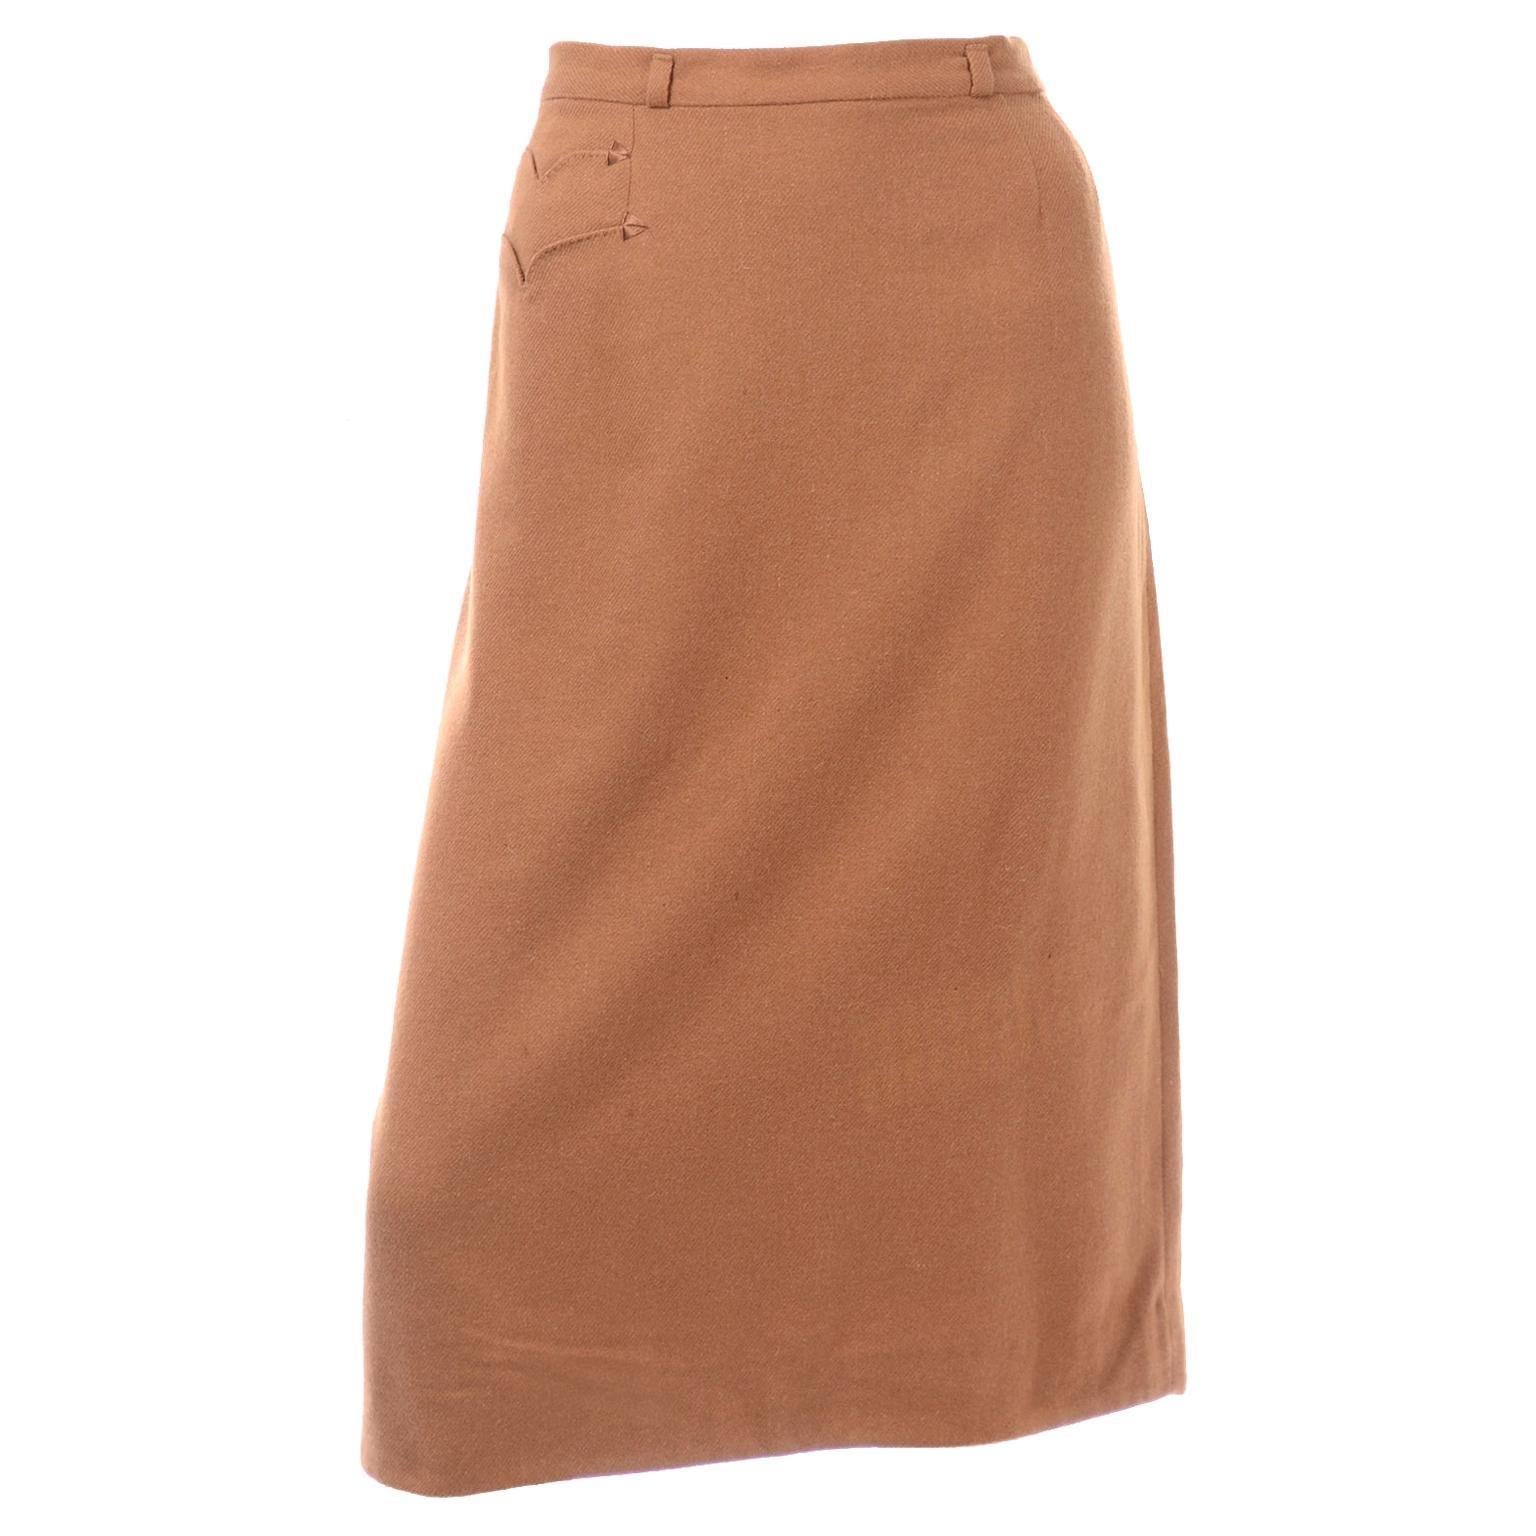 Very Rare 1950s Vintage Evan Picone 100% Vicuna Toffee Brown Slim Skirt